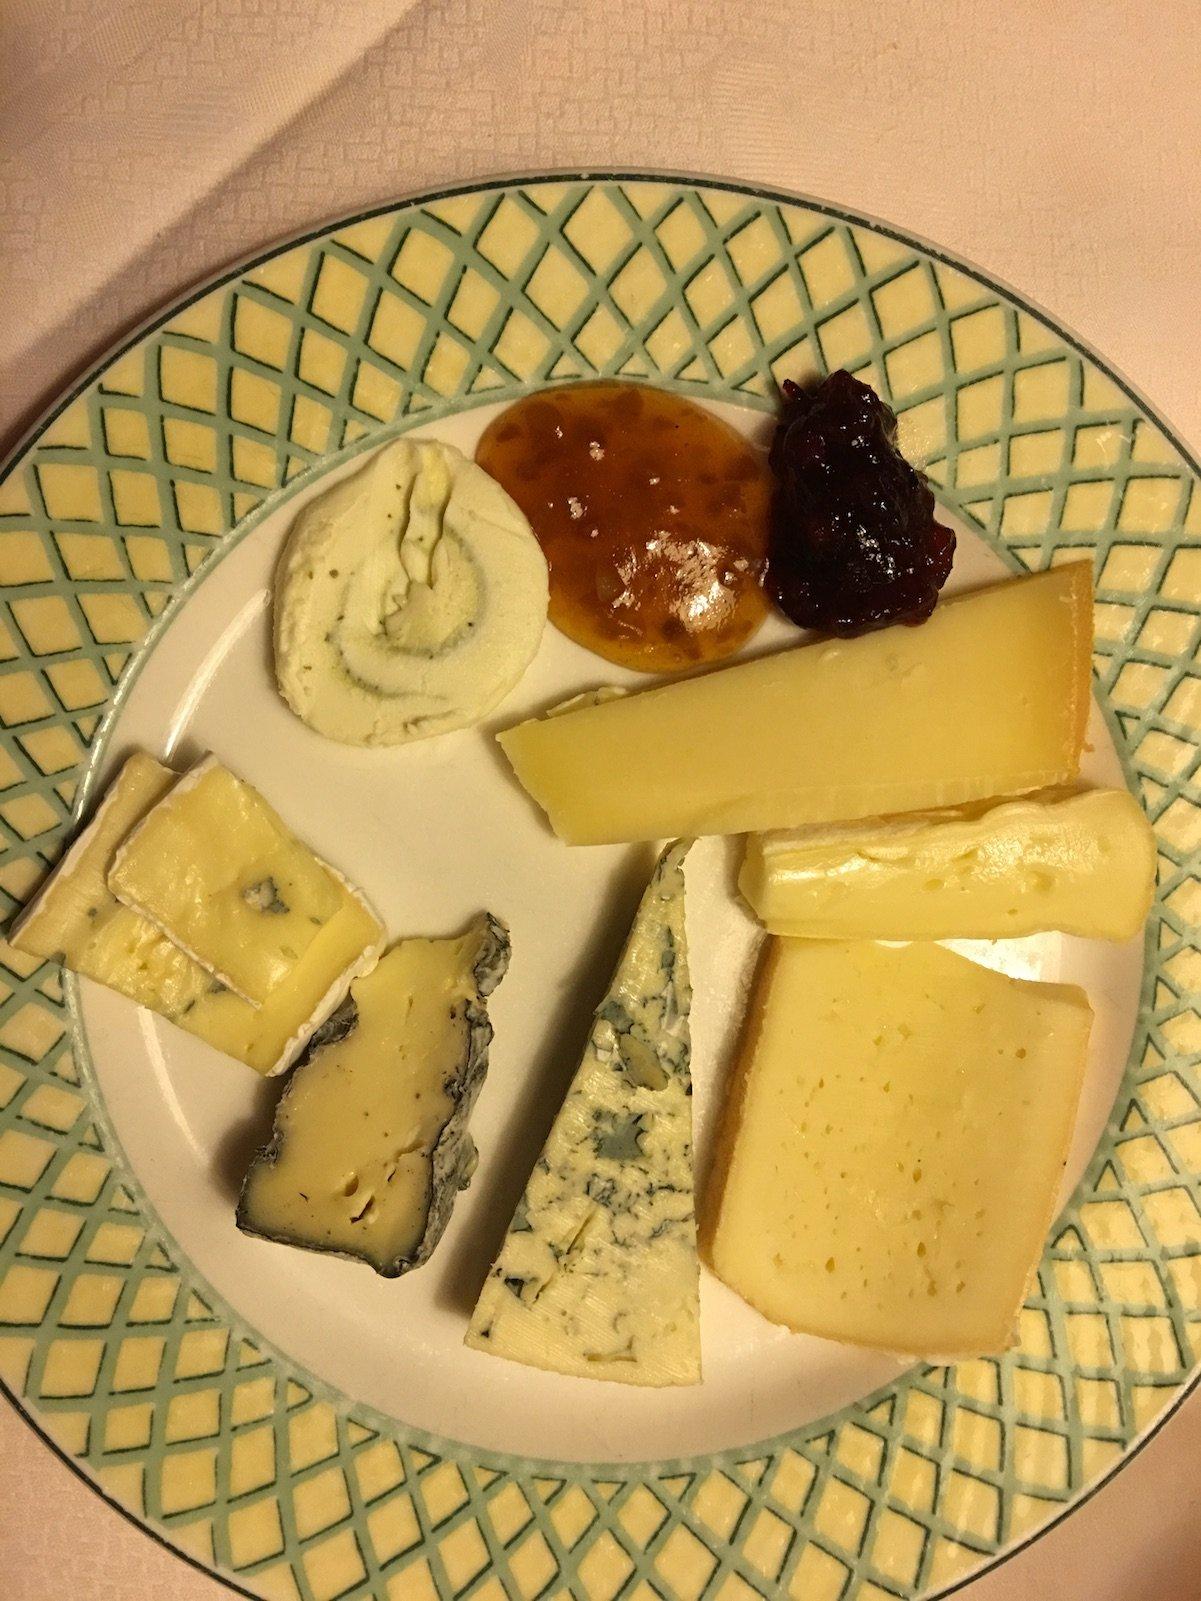 Kleine Zusammenstellung vom Buffet für mich - ich liebe Käse!